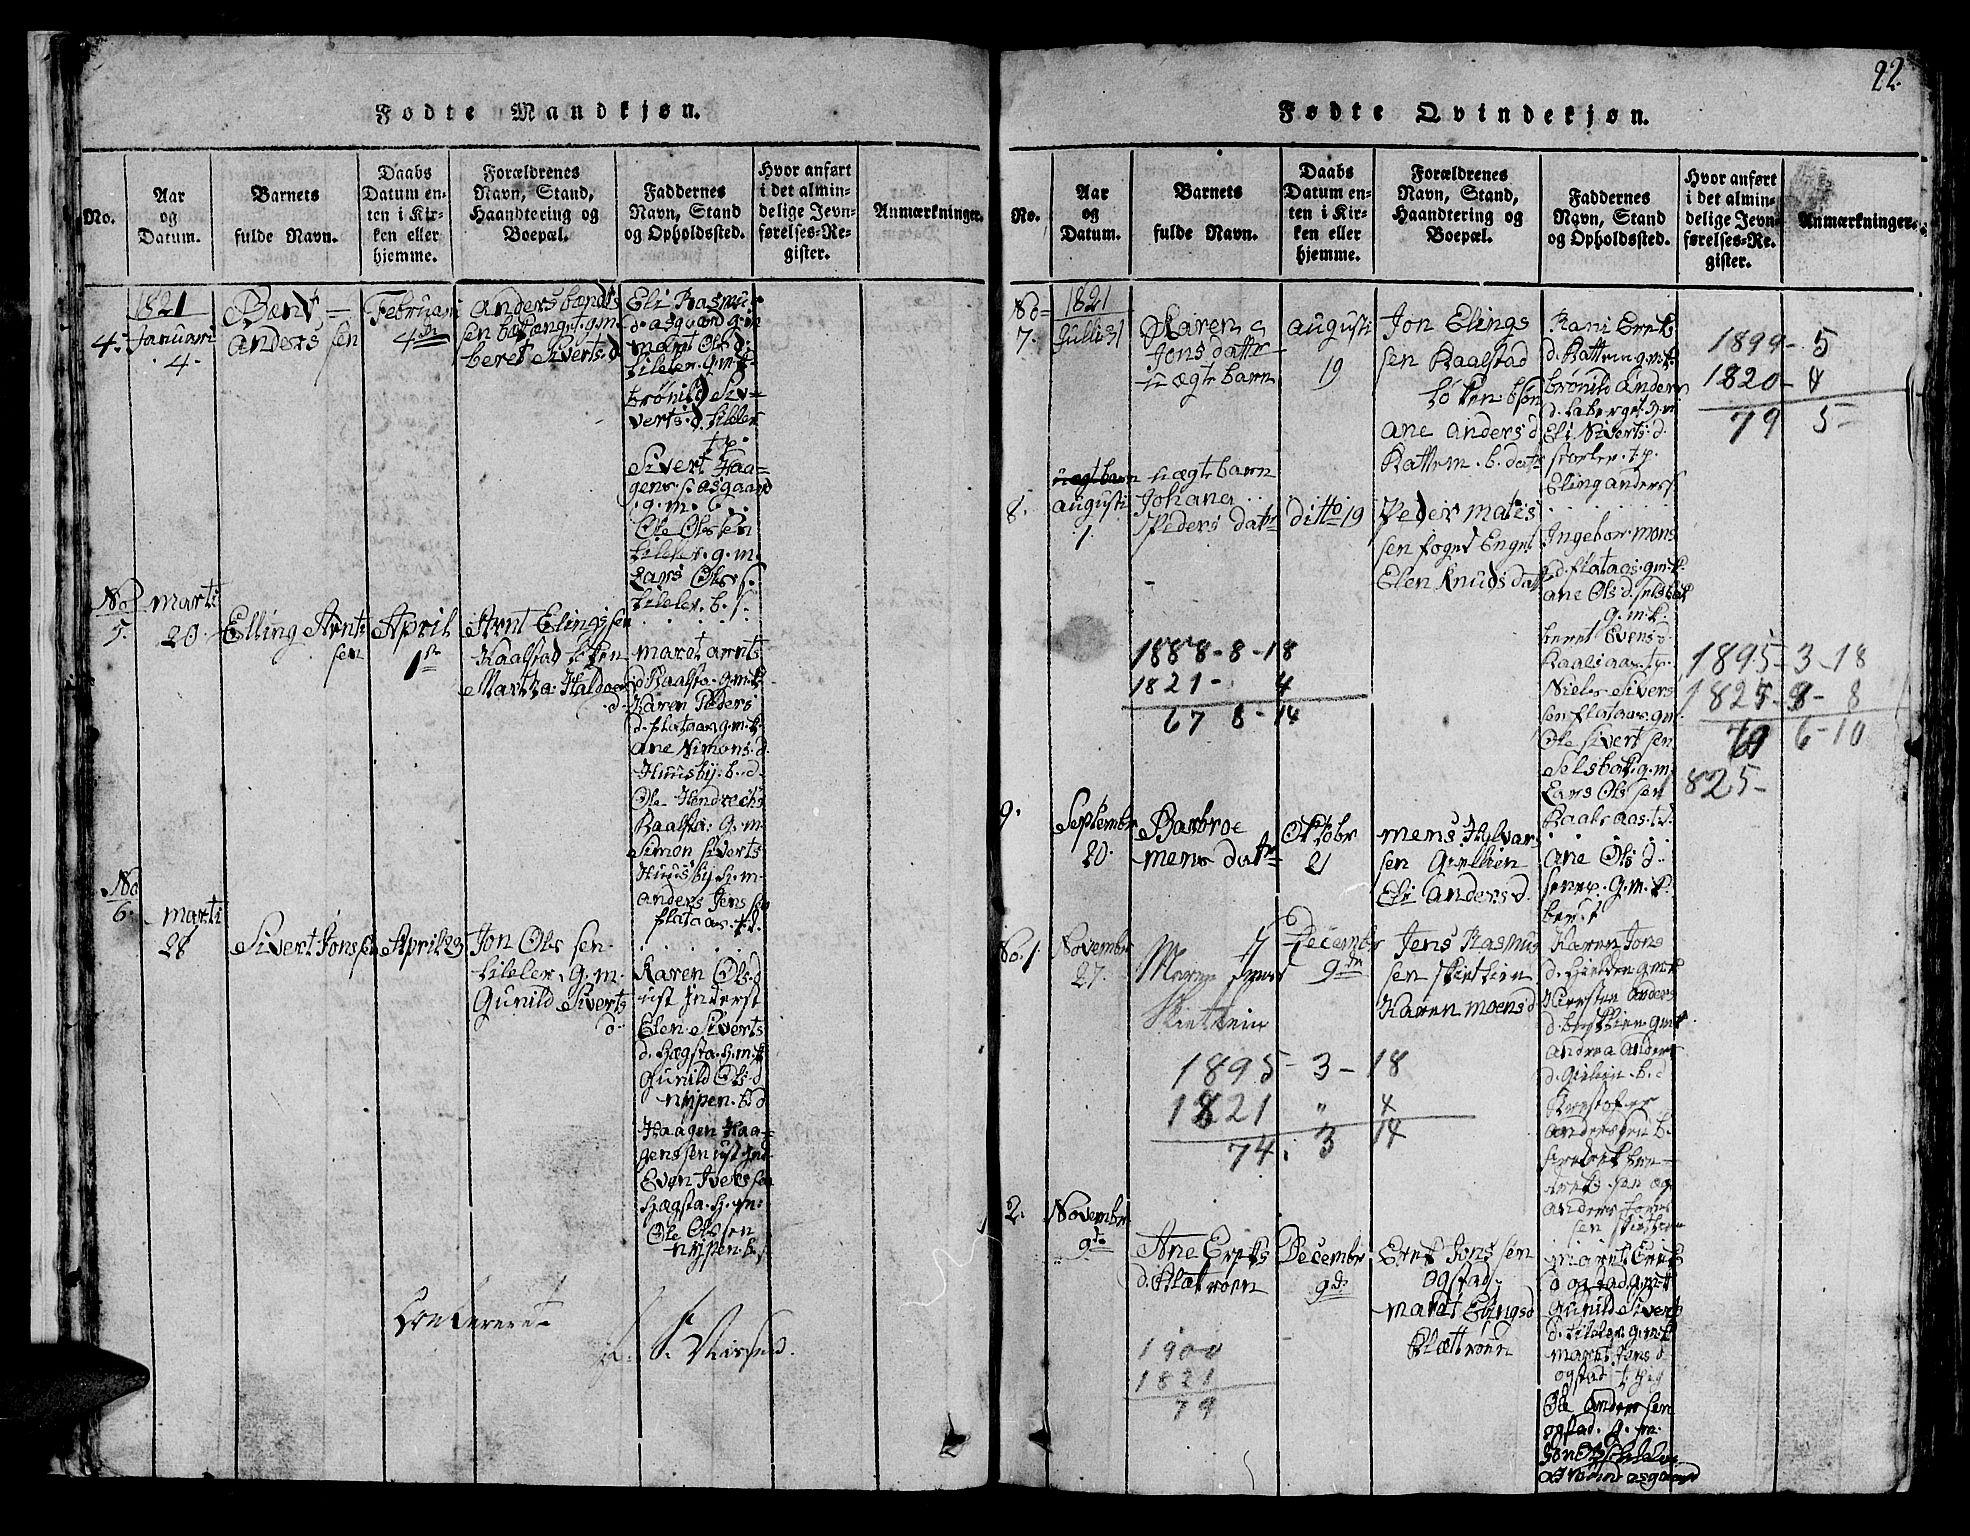 SAT, Ministerialprotokoller, klokkerbøker og fødselsregistre - Sør-Trøndelag, 613/L0393: Klokkerbok nr. 613C01, 1816-1886, s. 22